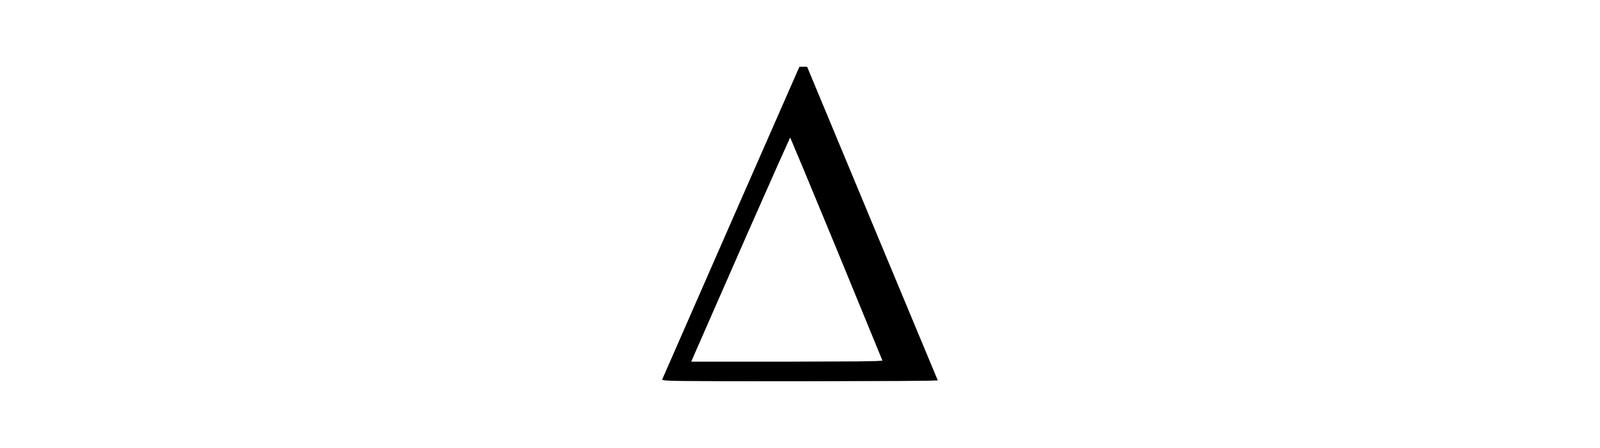 Ilustracja przedstawia symbol greckiej litery ∆ delta. Tło białe. Na środku duży trójkąt. Kontury czarne, wnętrze białe. Trójkąt równoramienny. Kontur prawego ramienia grubszy niż pozostałych boków.